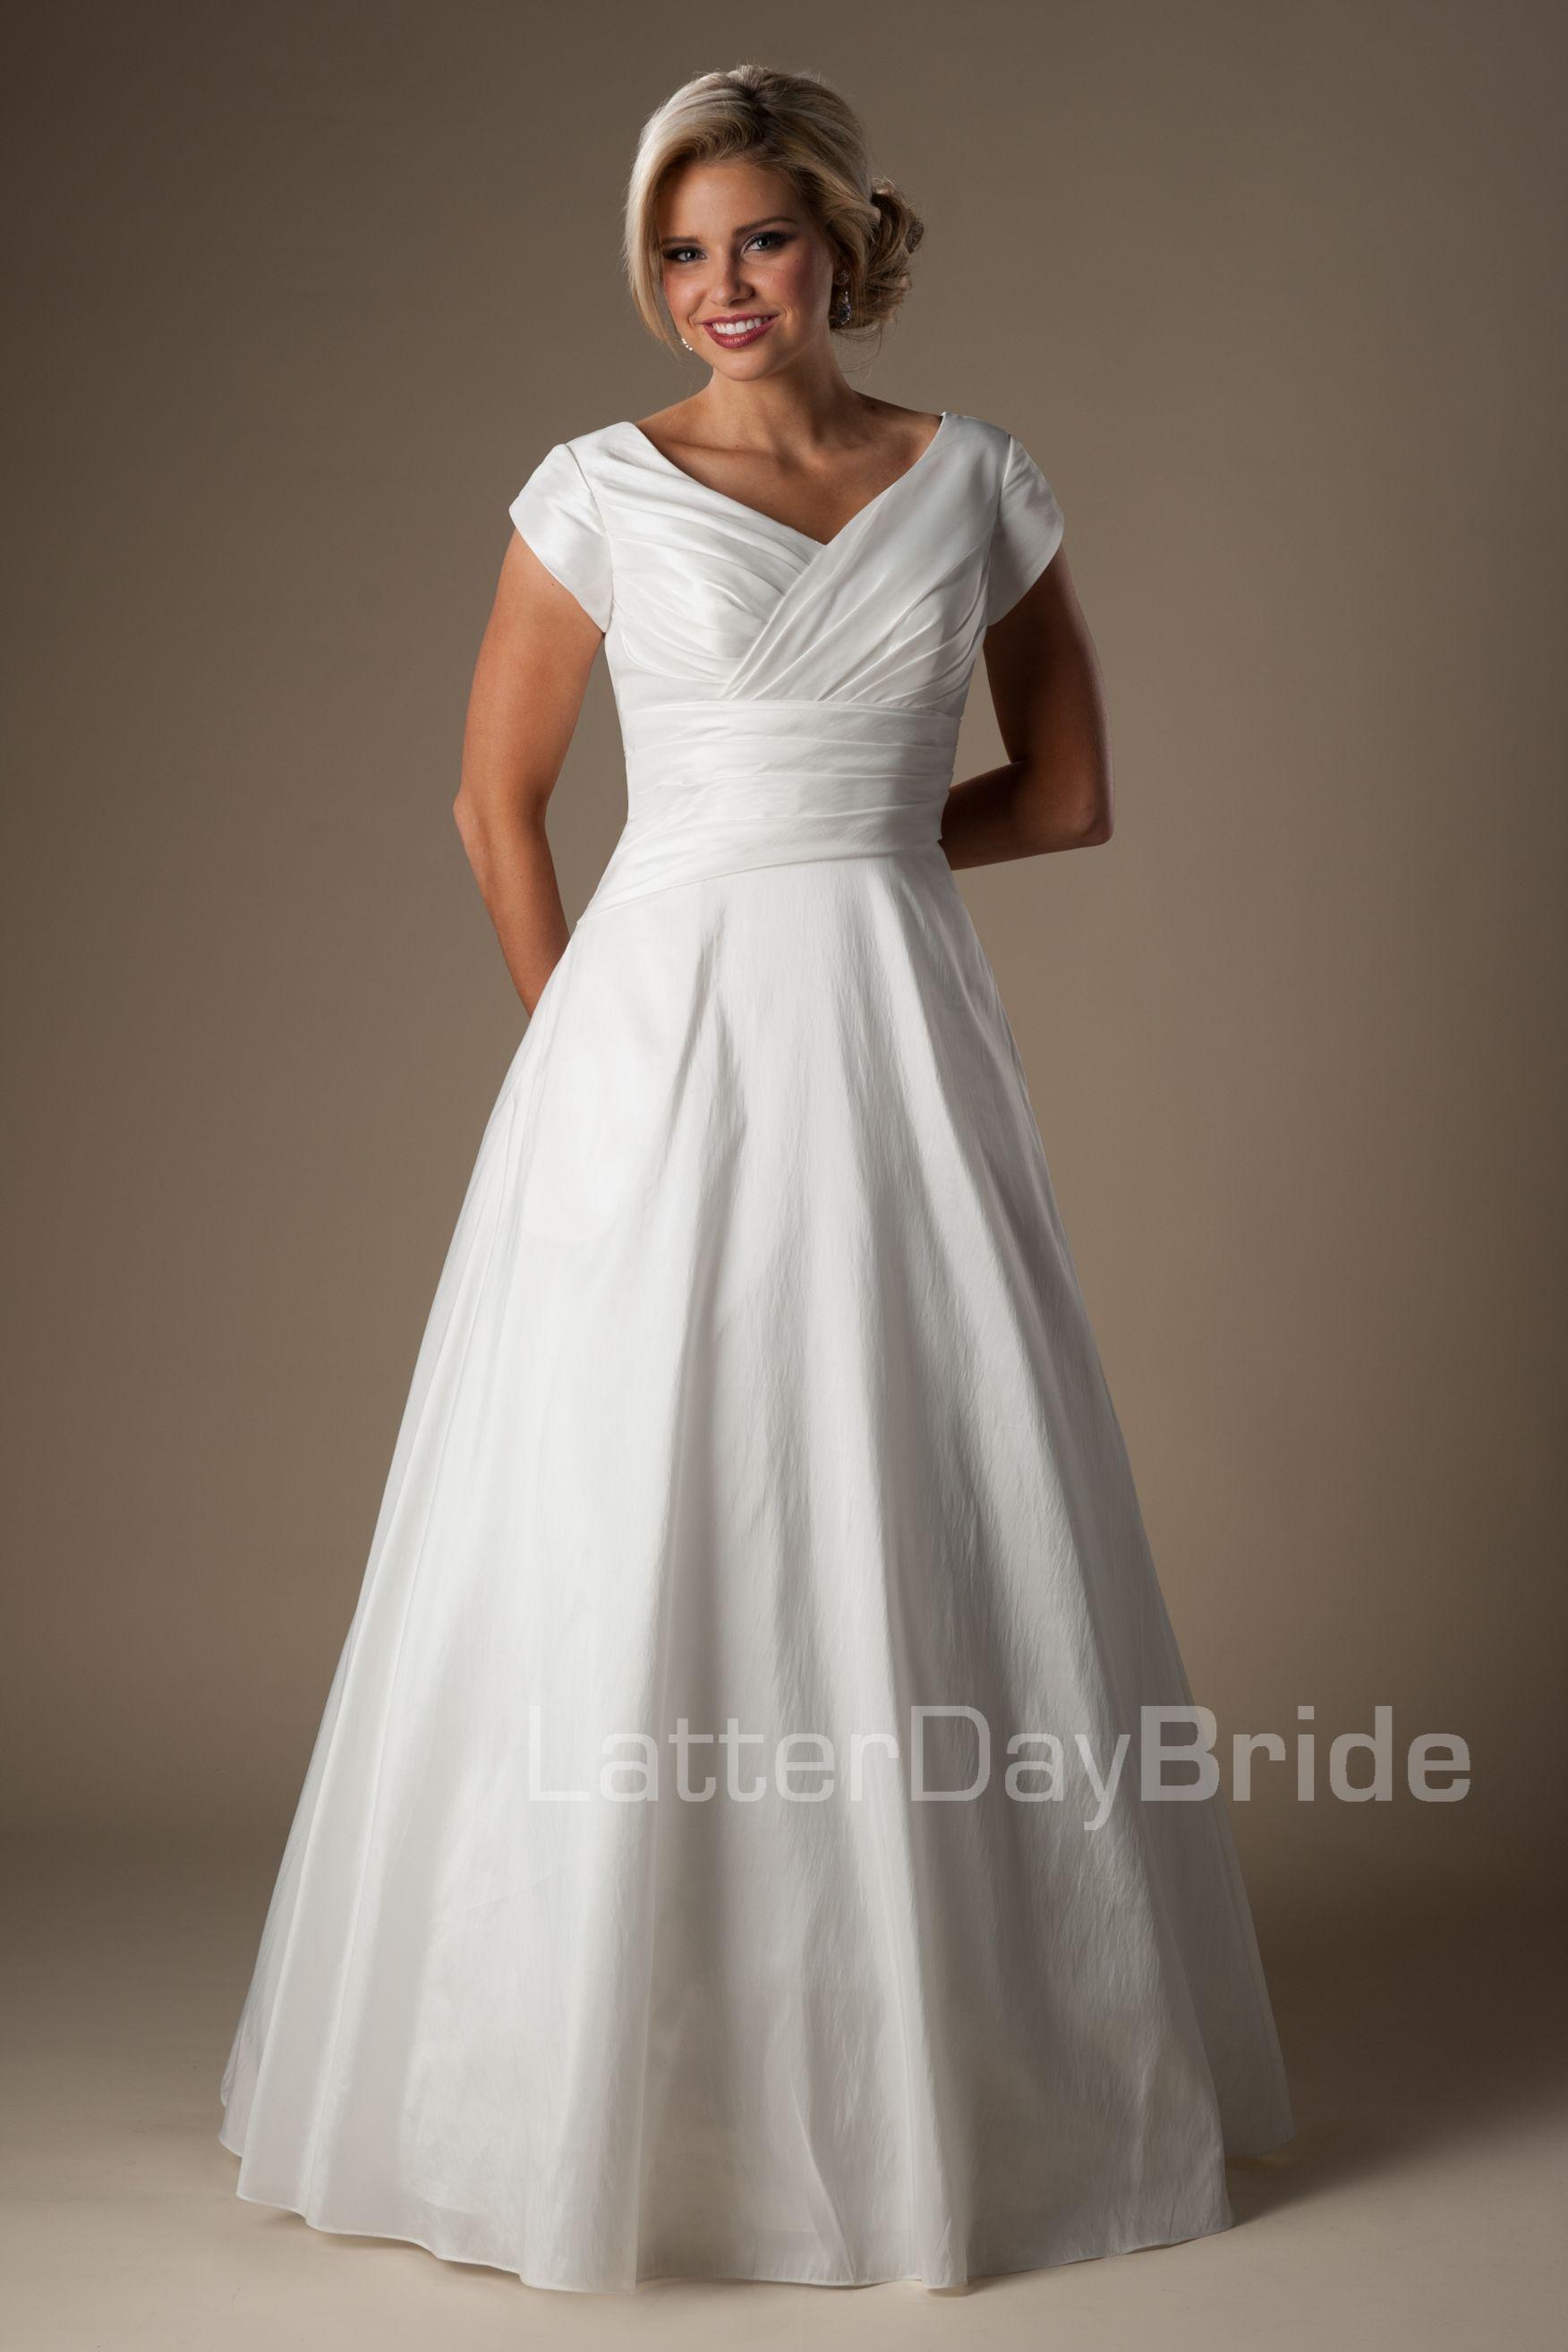 Modest Wedding Dresses : Stapleton | Wedding dresses | Pinterest ...